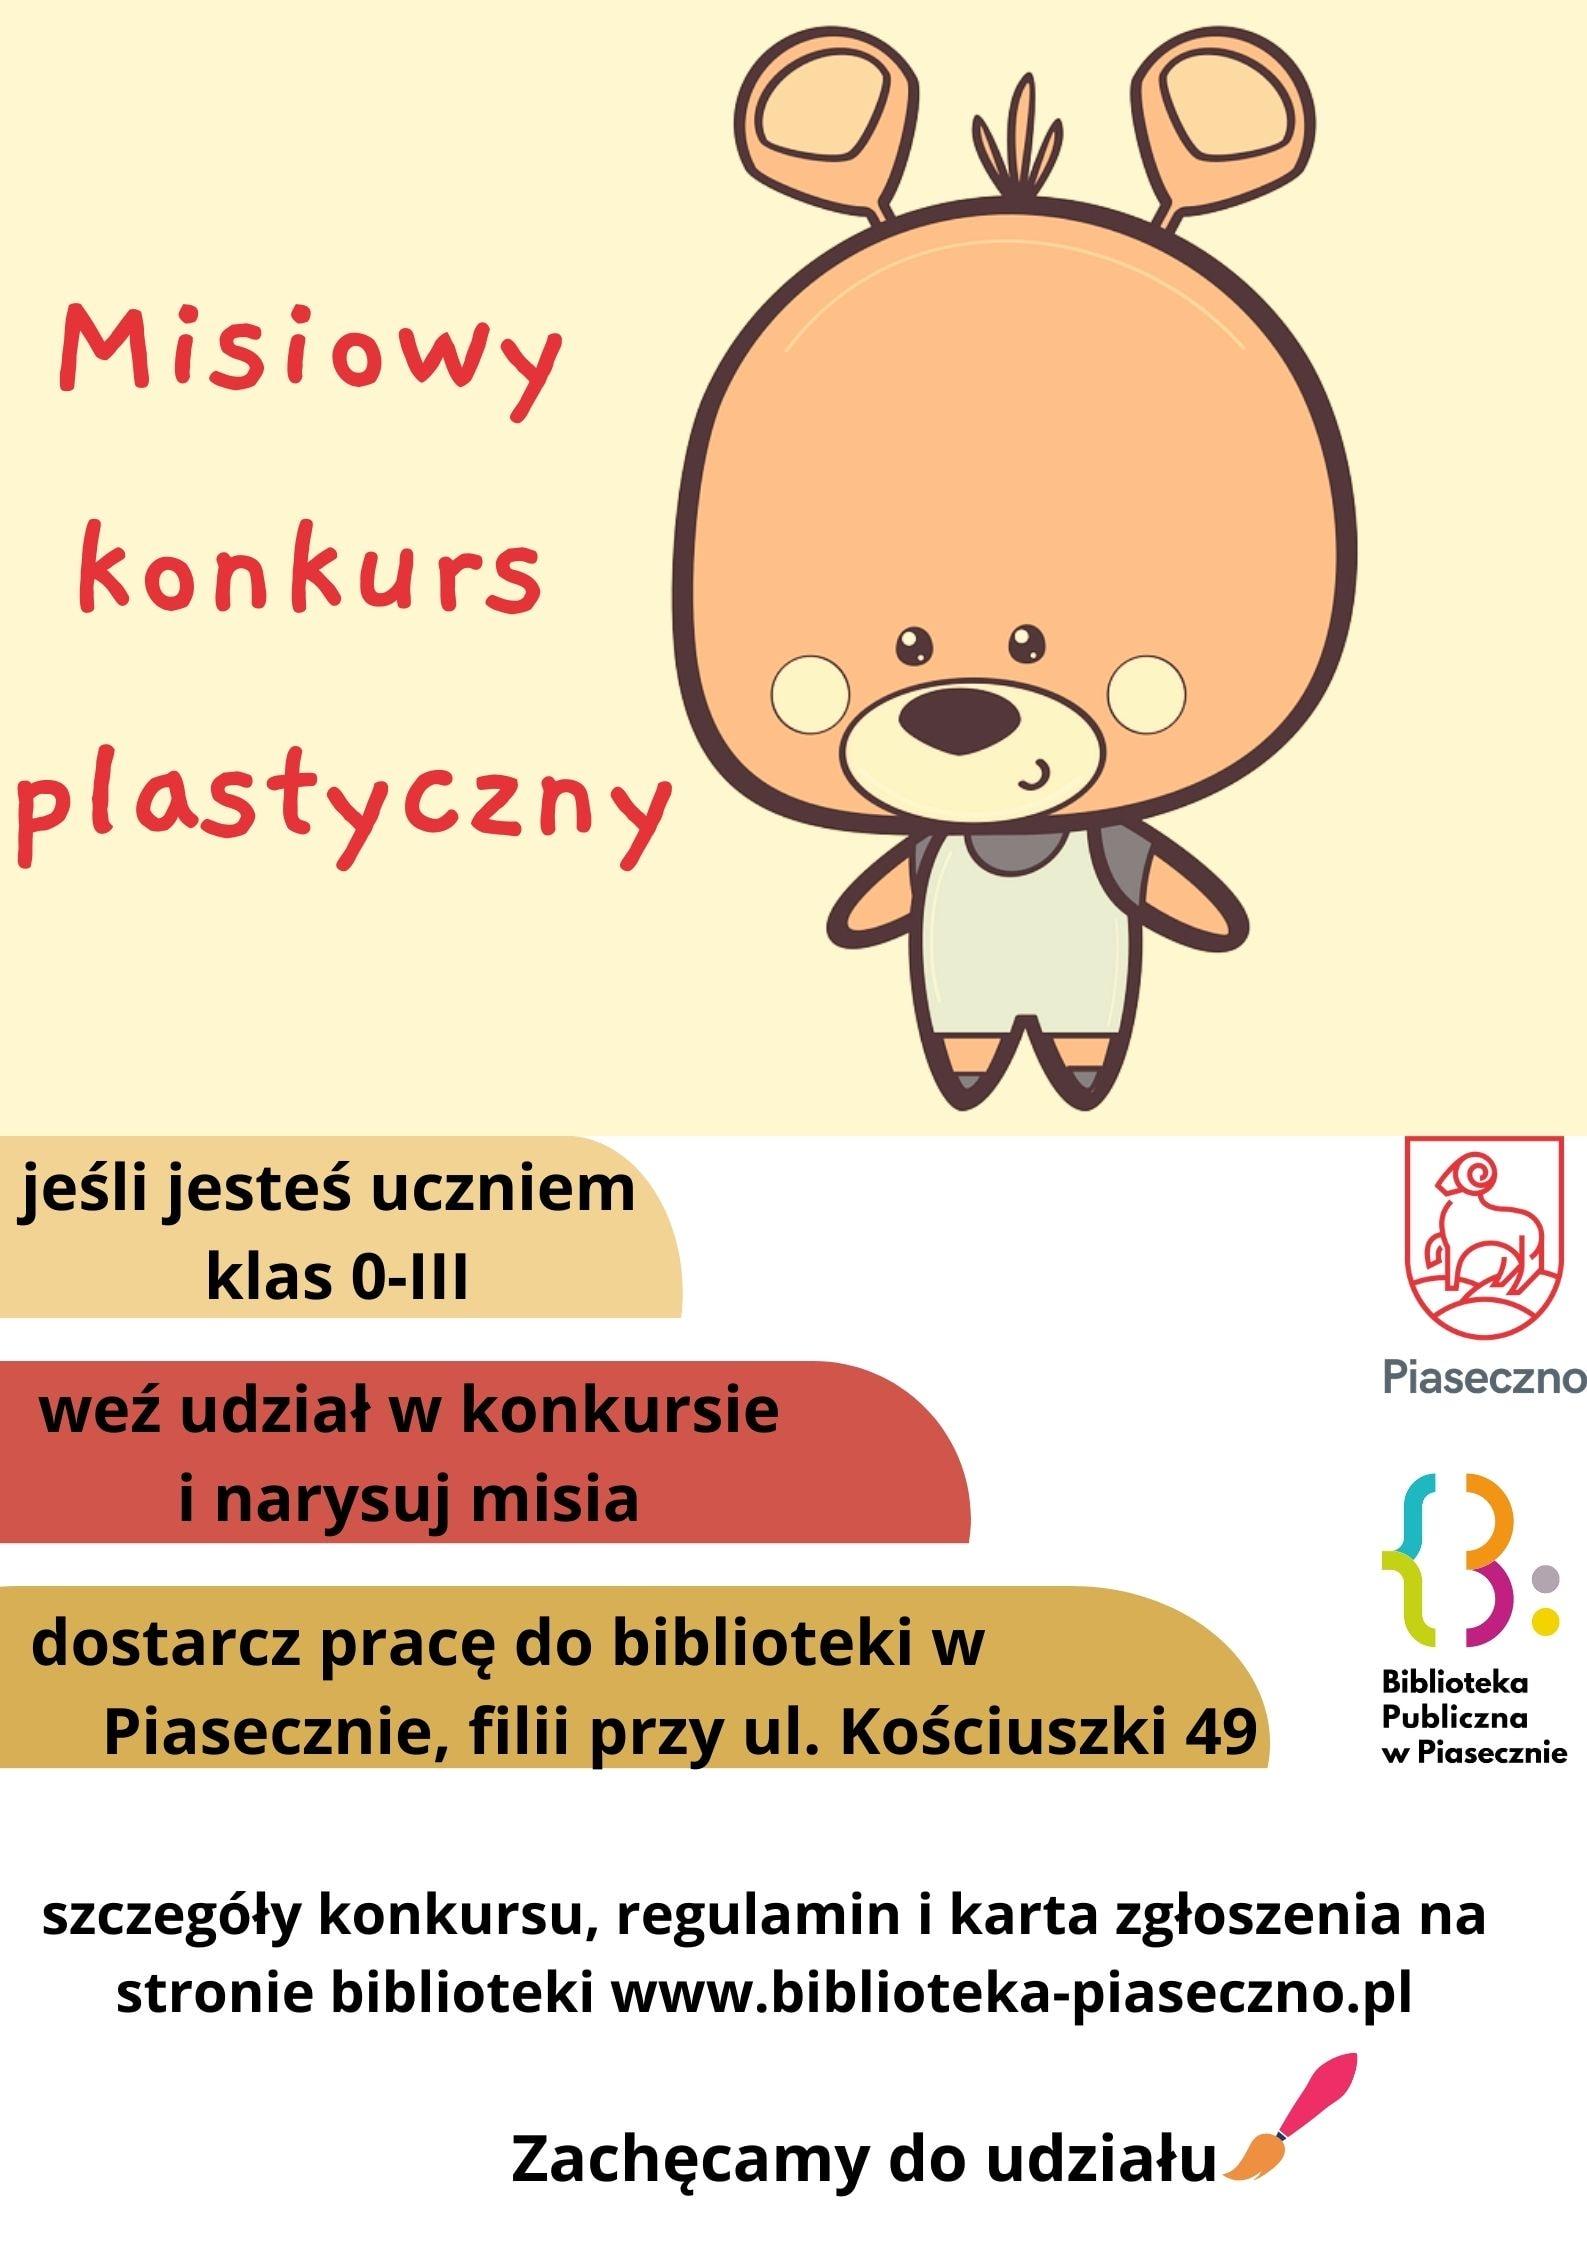 Plakat promujący Misiowy Konkurs